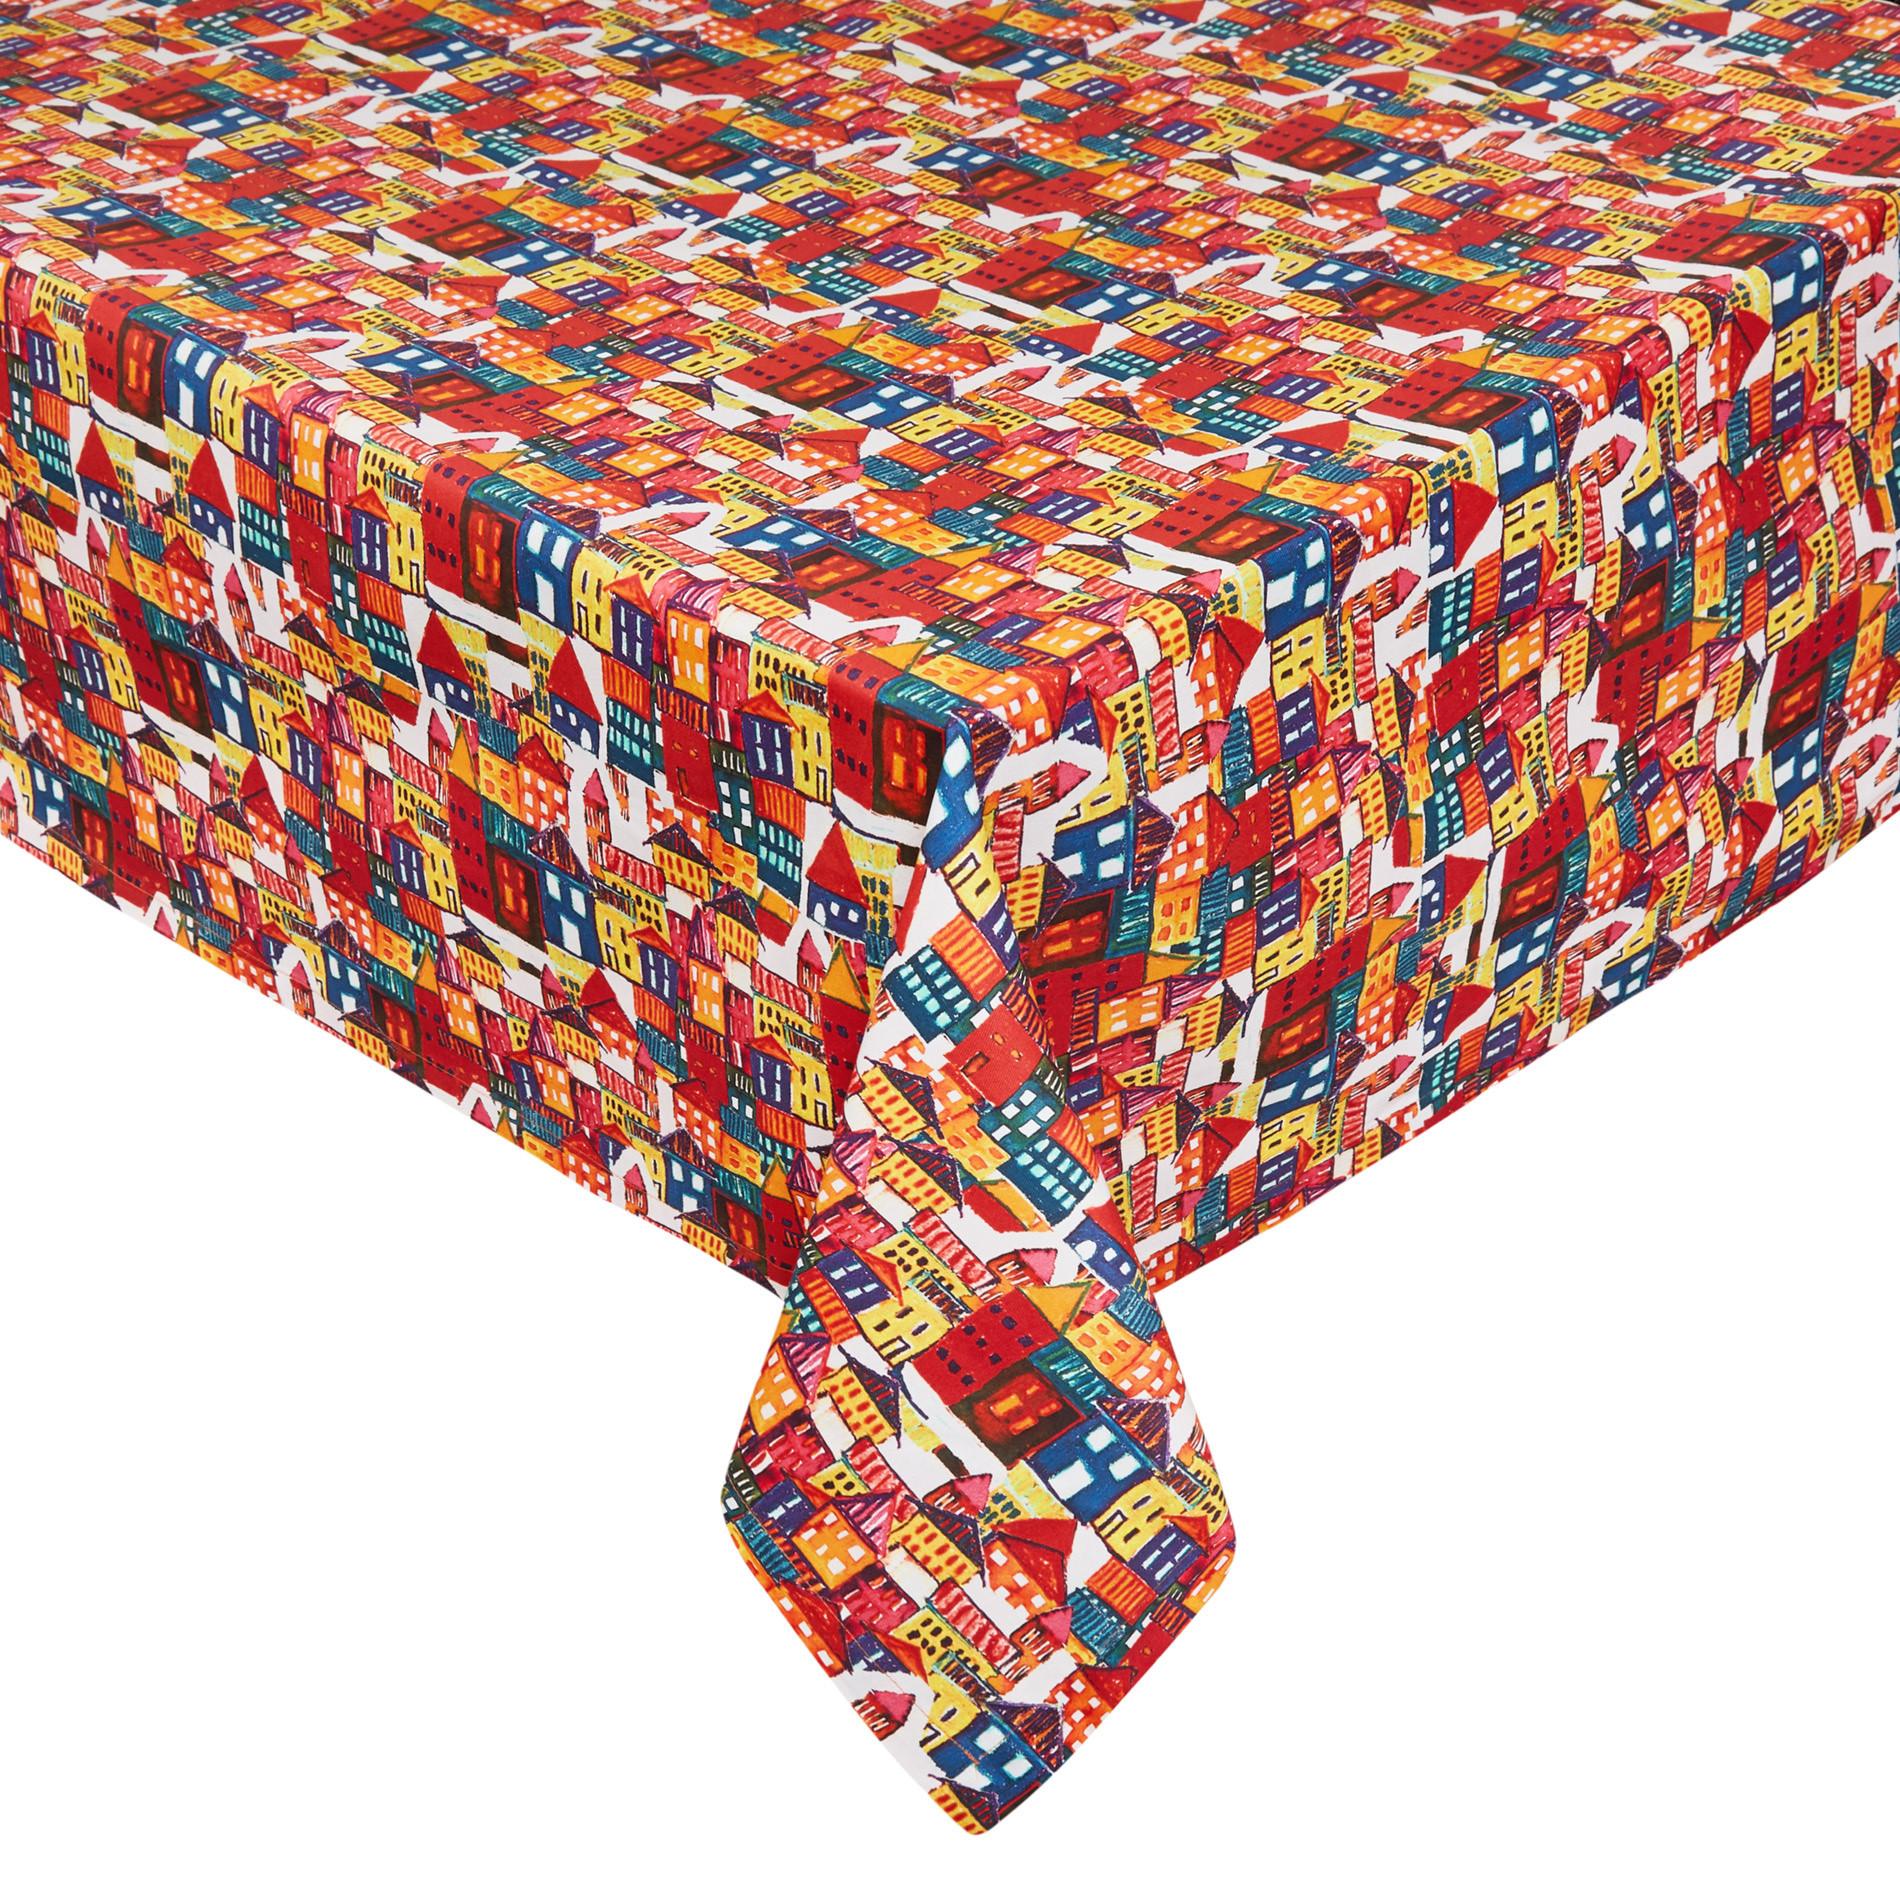 Tovaglia twill di cotone stampa casette, Multicolor, large image number 0